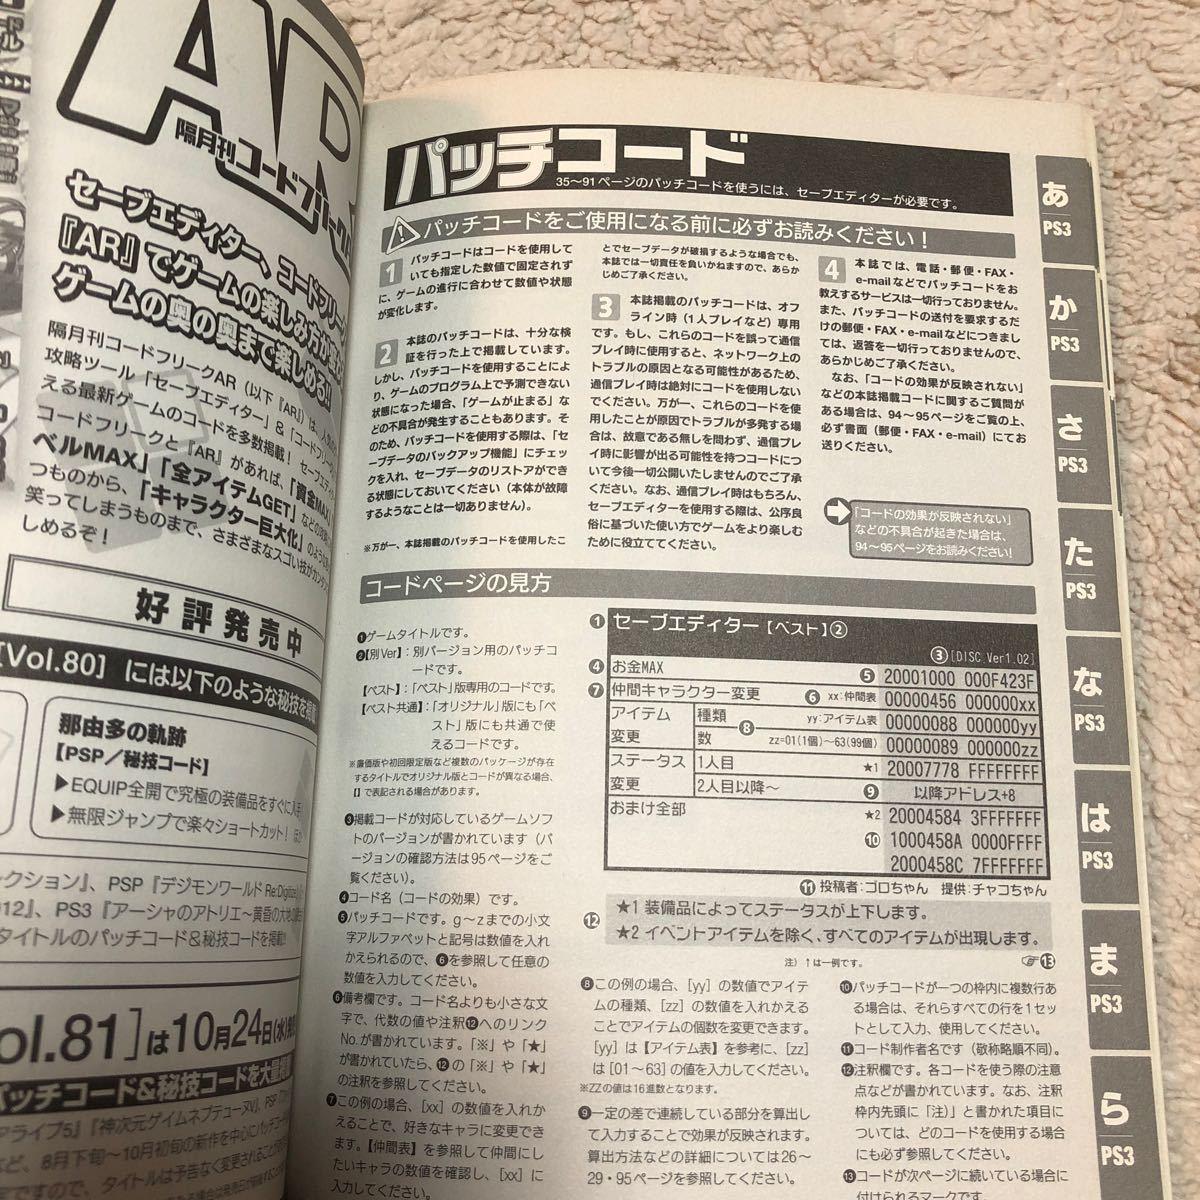 中古攻略本 隔月刊コードフリークAR別冊 セーブエディターハンドブックVol.2